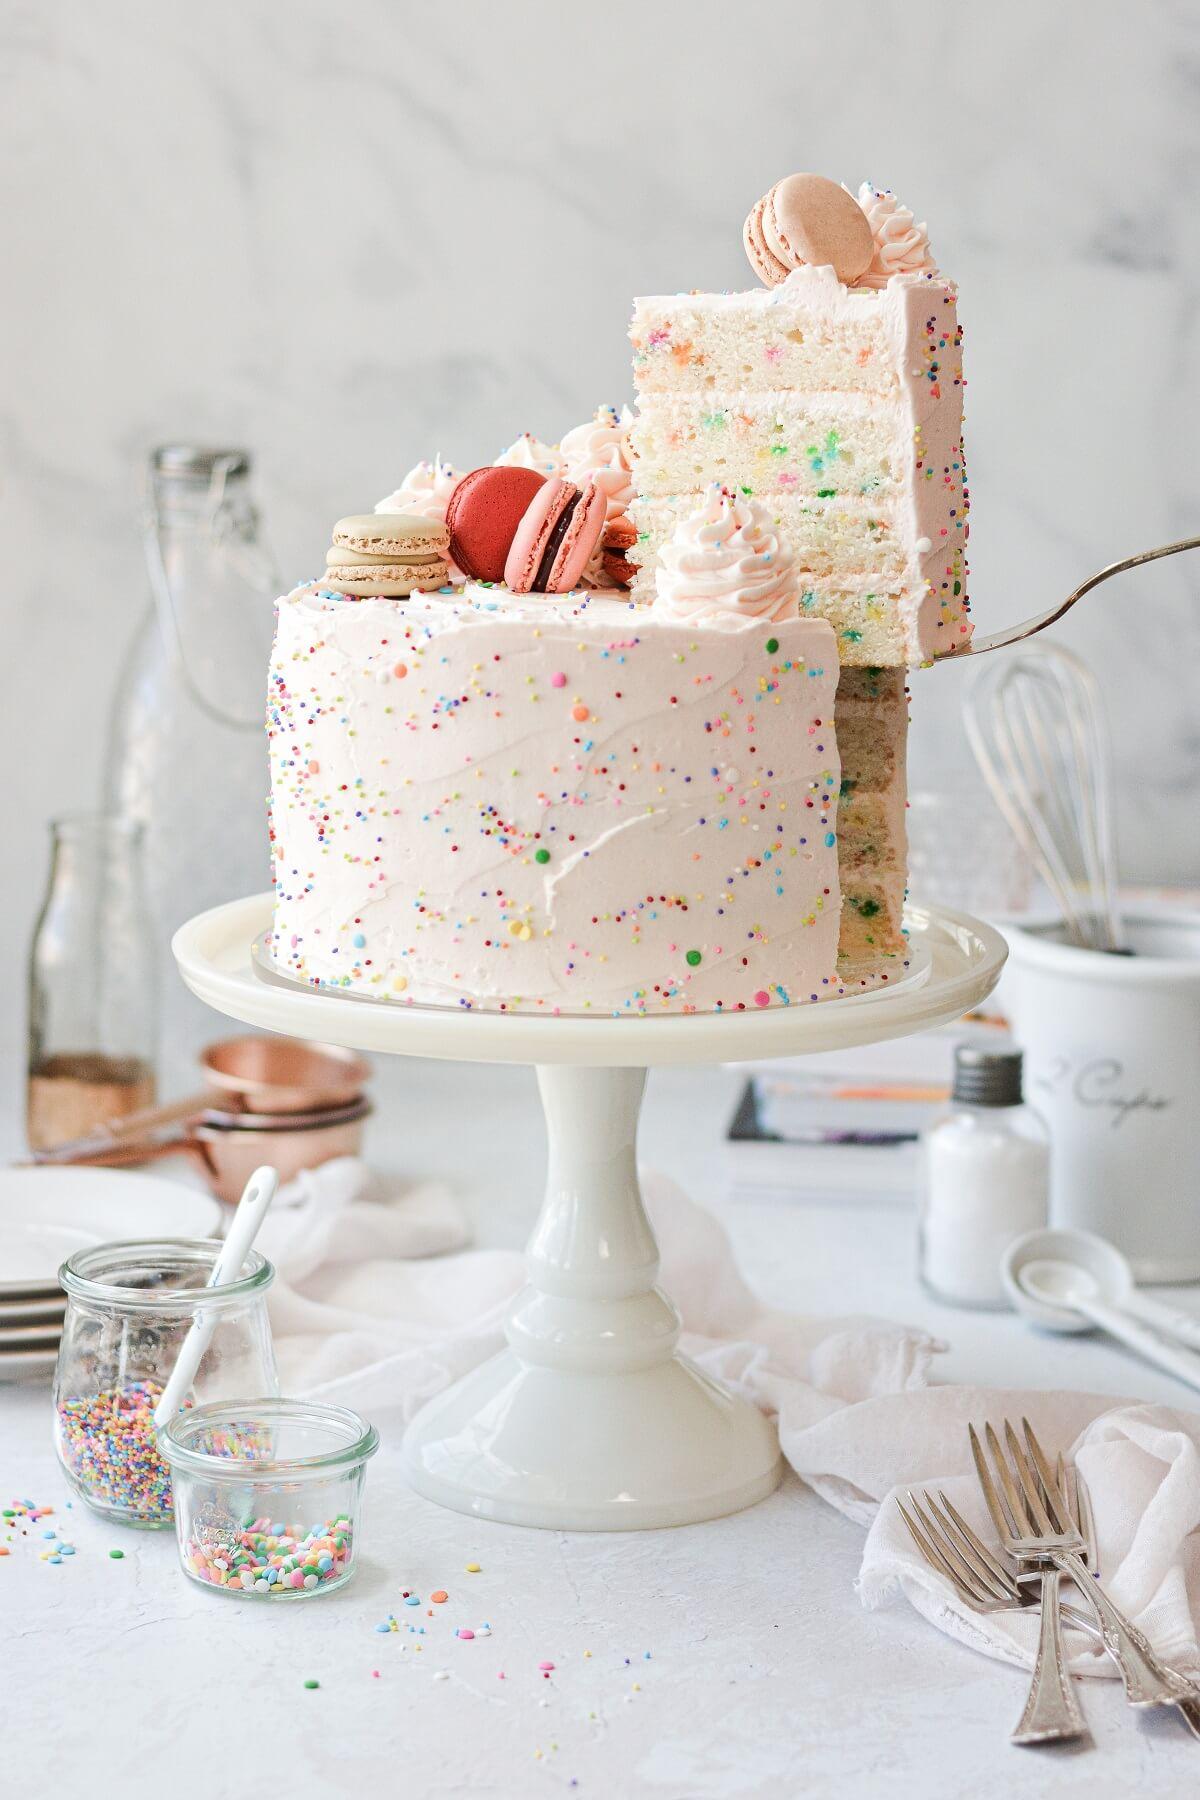 Funfetti cake with one slice cut.